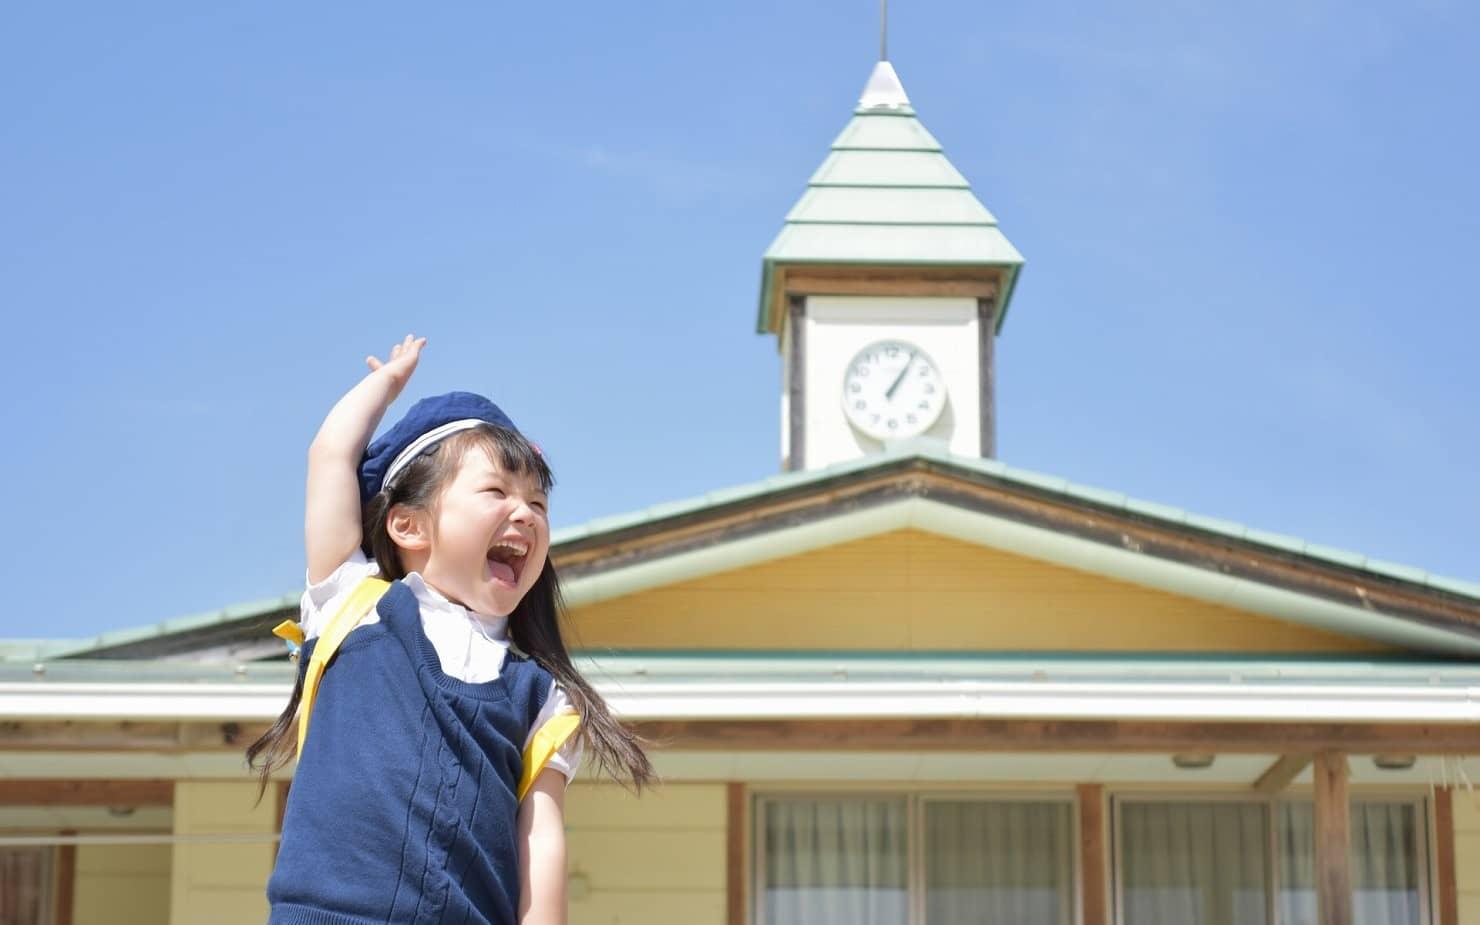 幼稚園と保育園の違いとは? 保育時間や料金、教育内容などを比較してみました